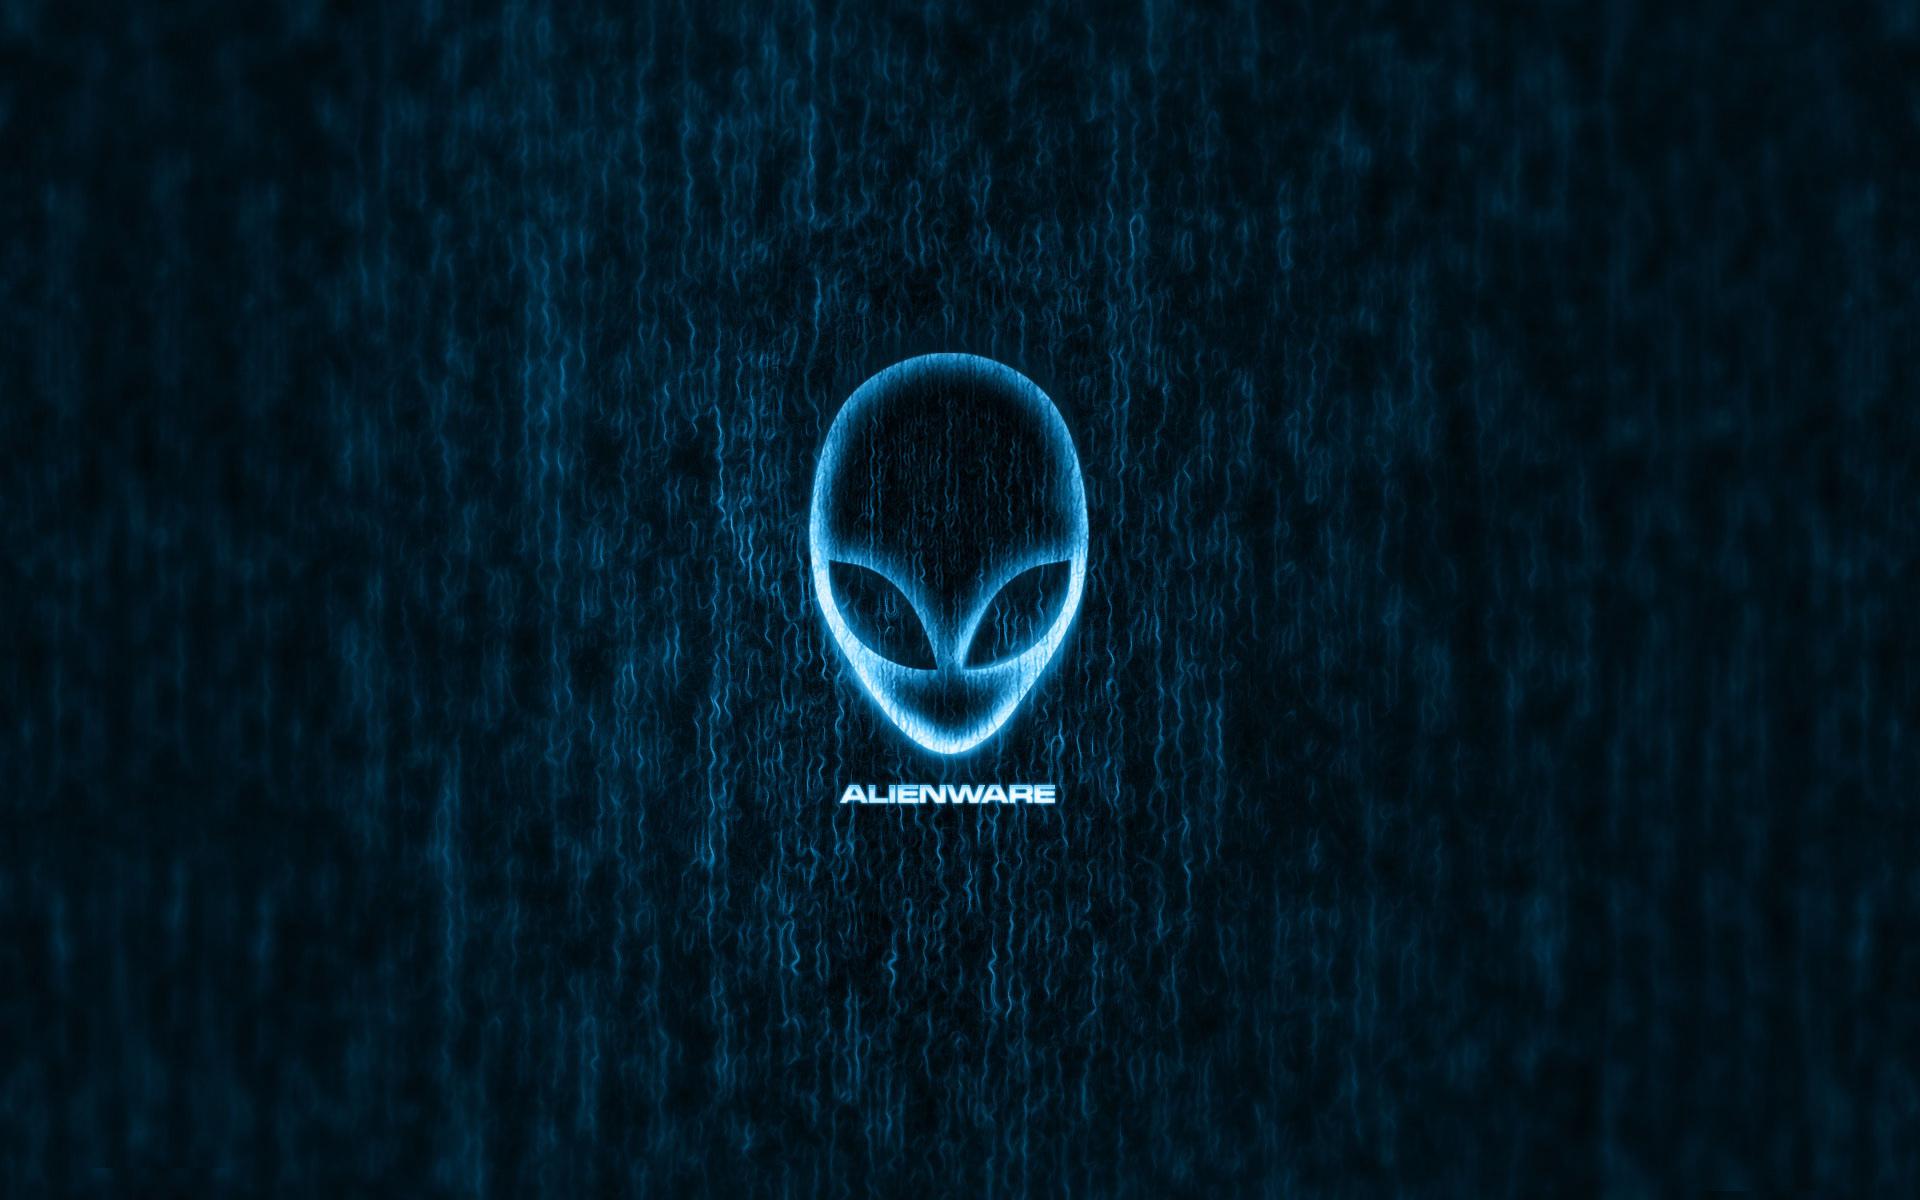 Alienware hd wallpapers pictures images - Alien desktop ...